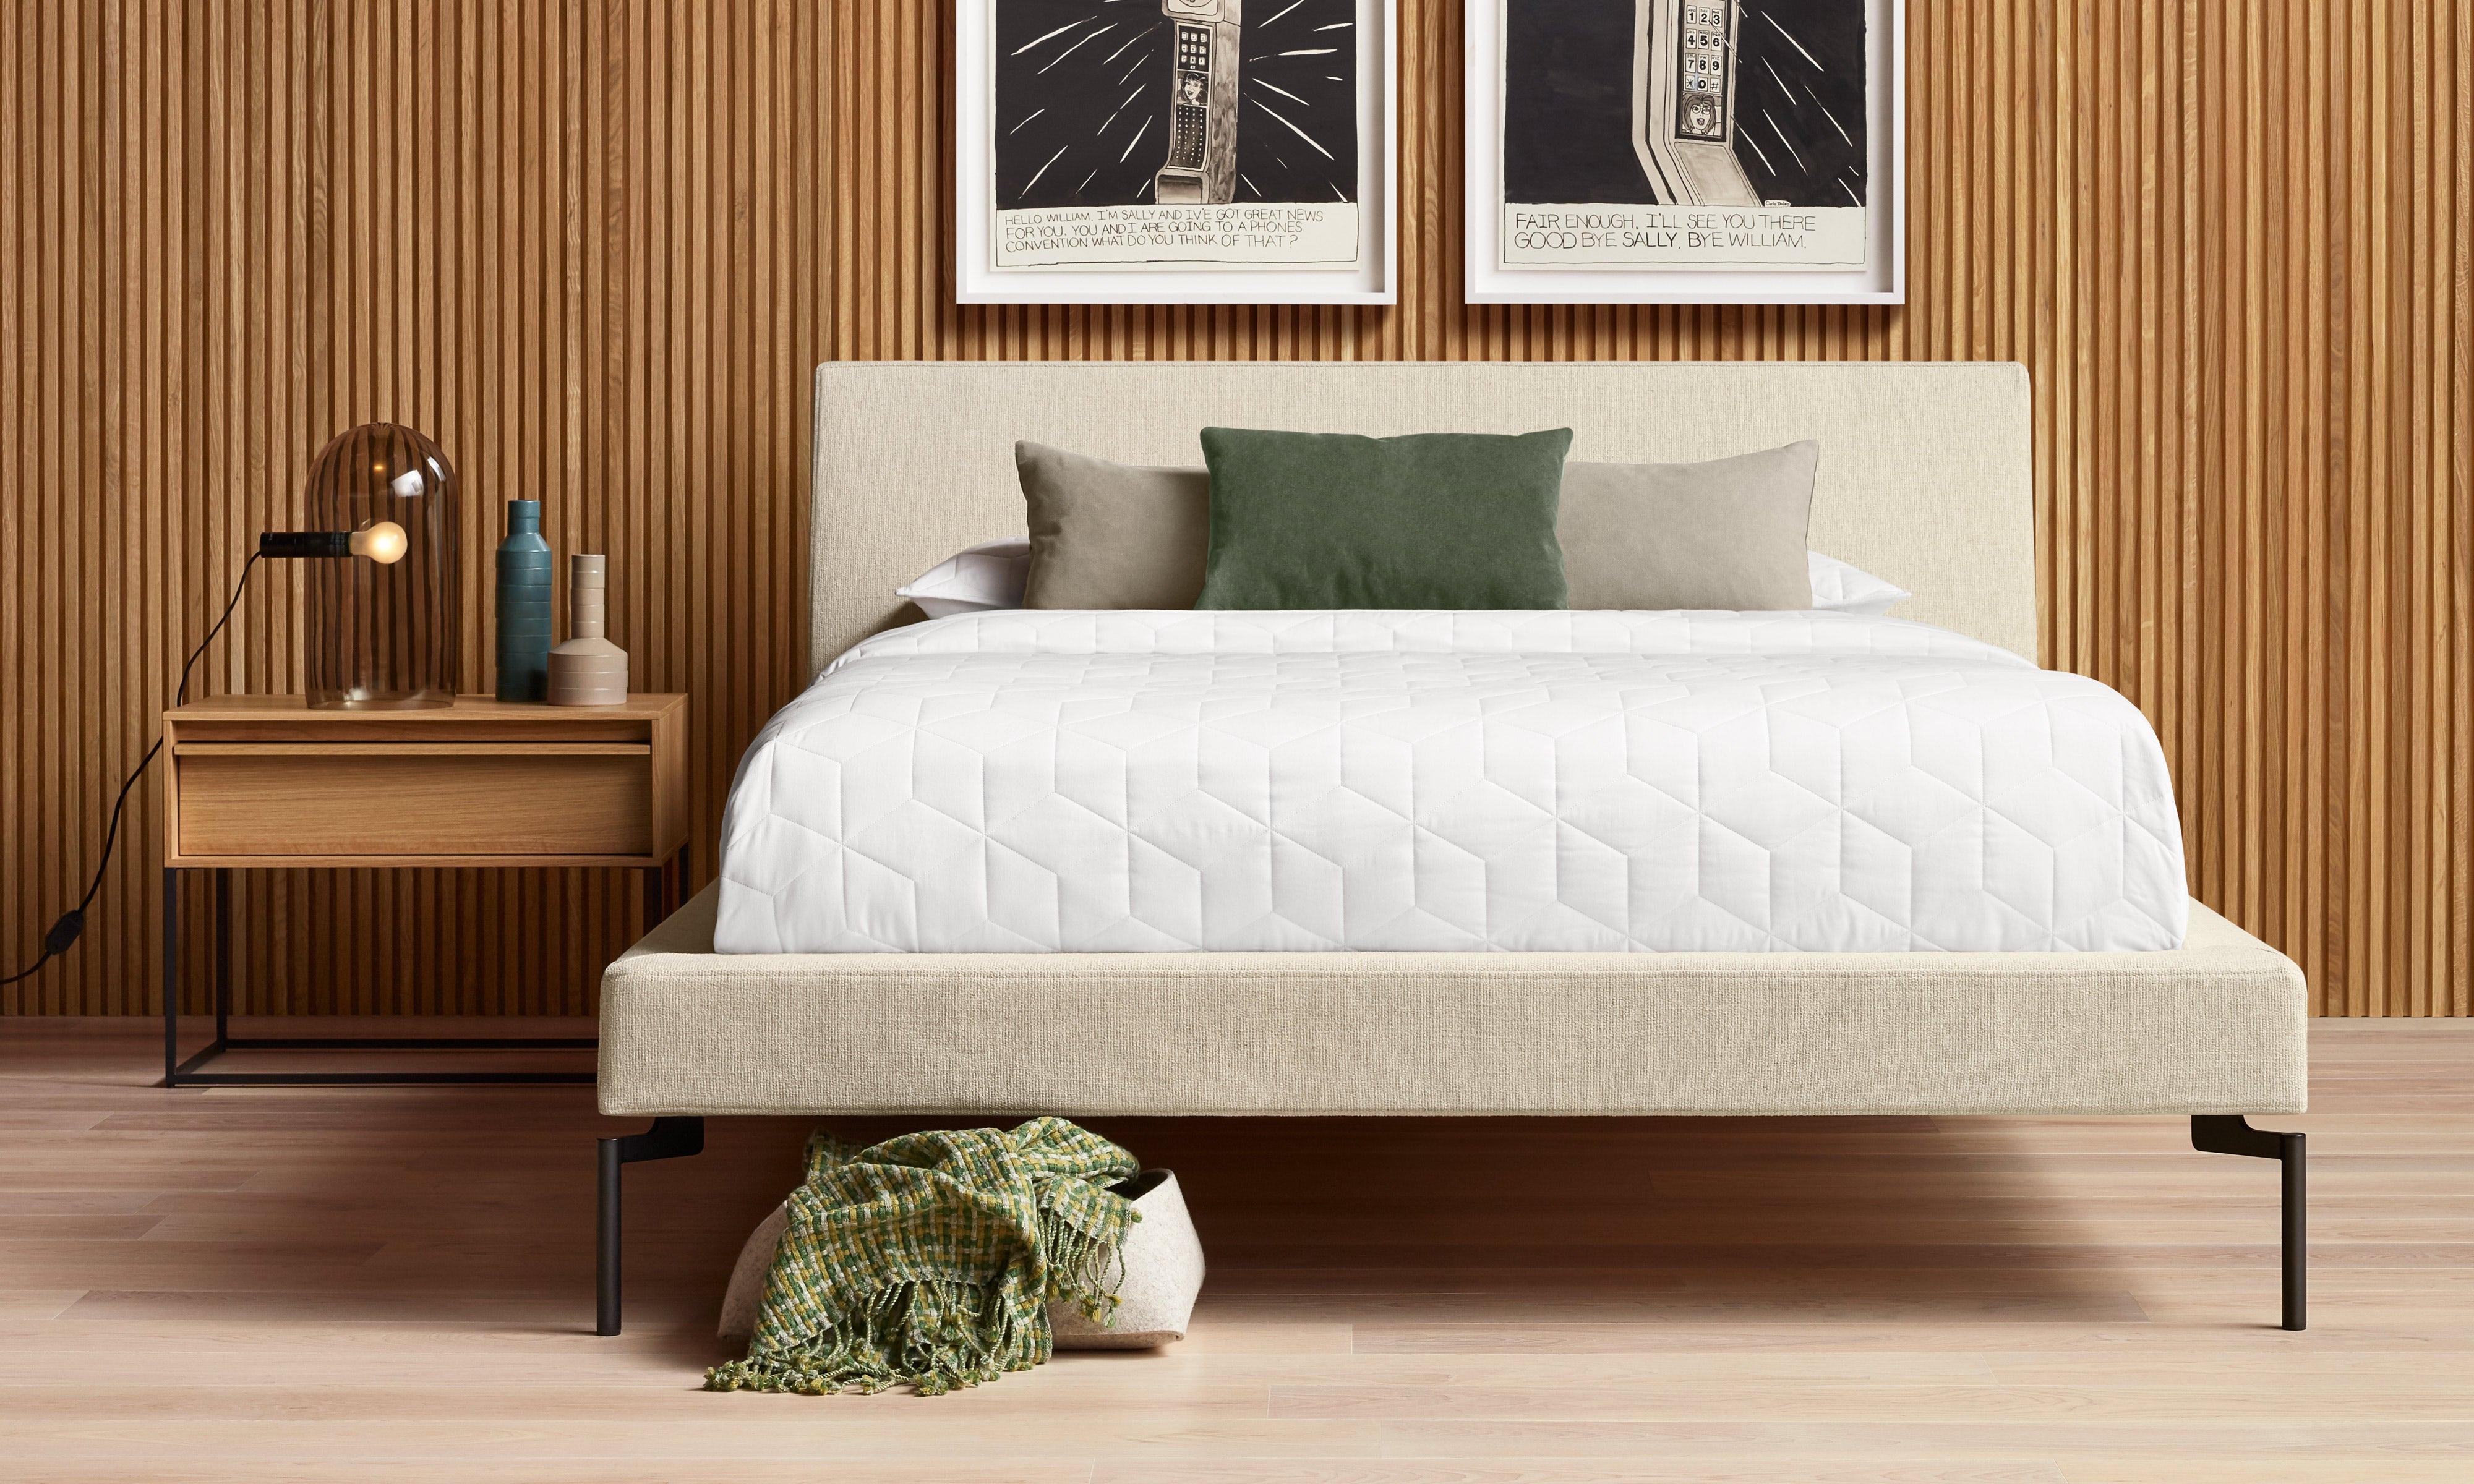 New Standard Full Bed